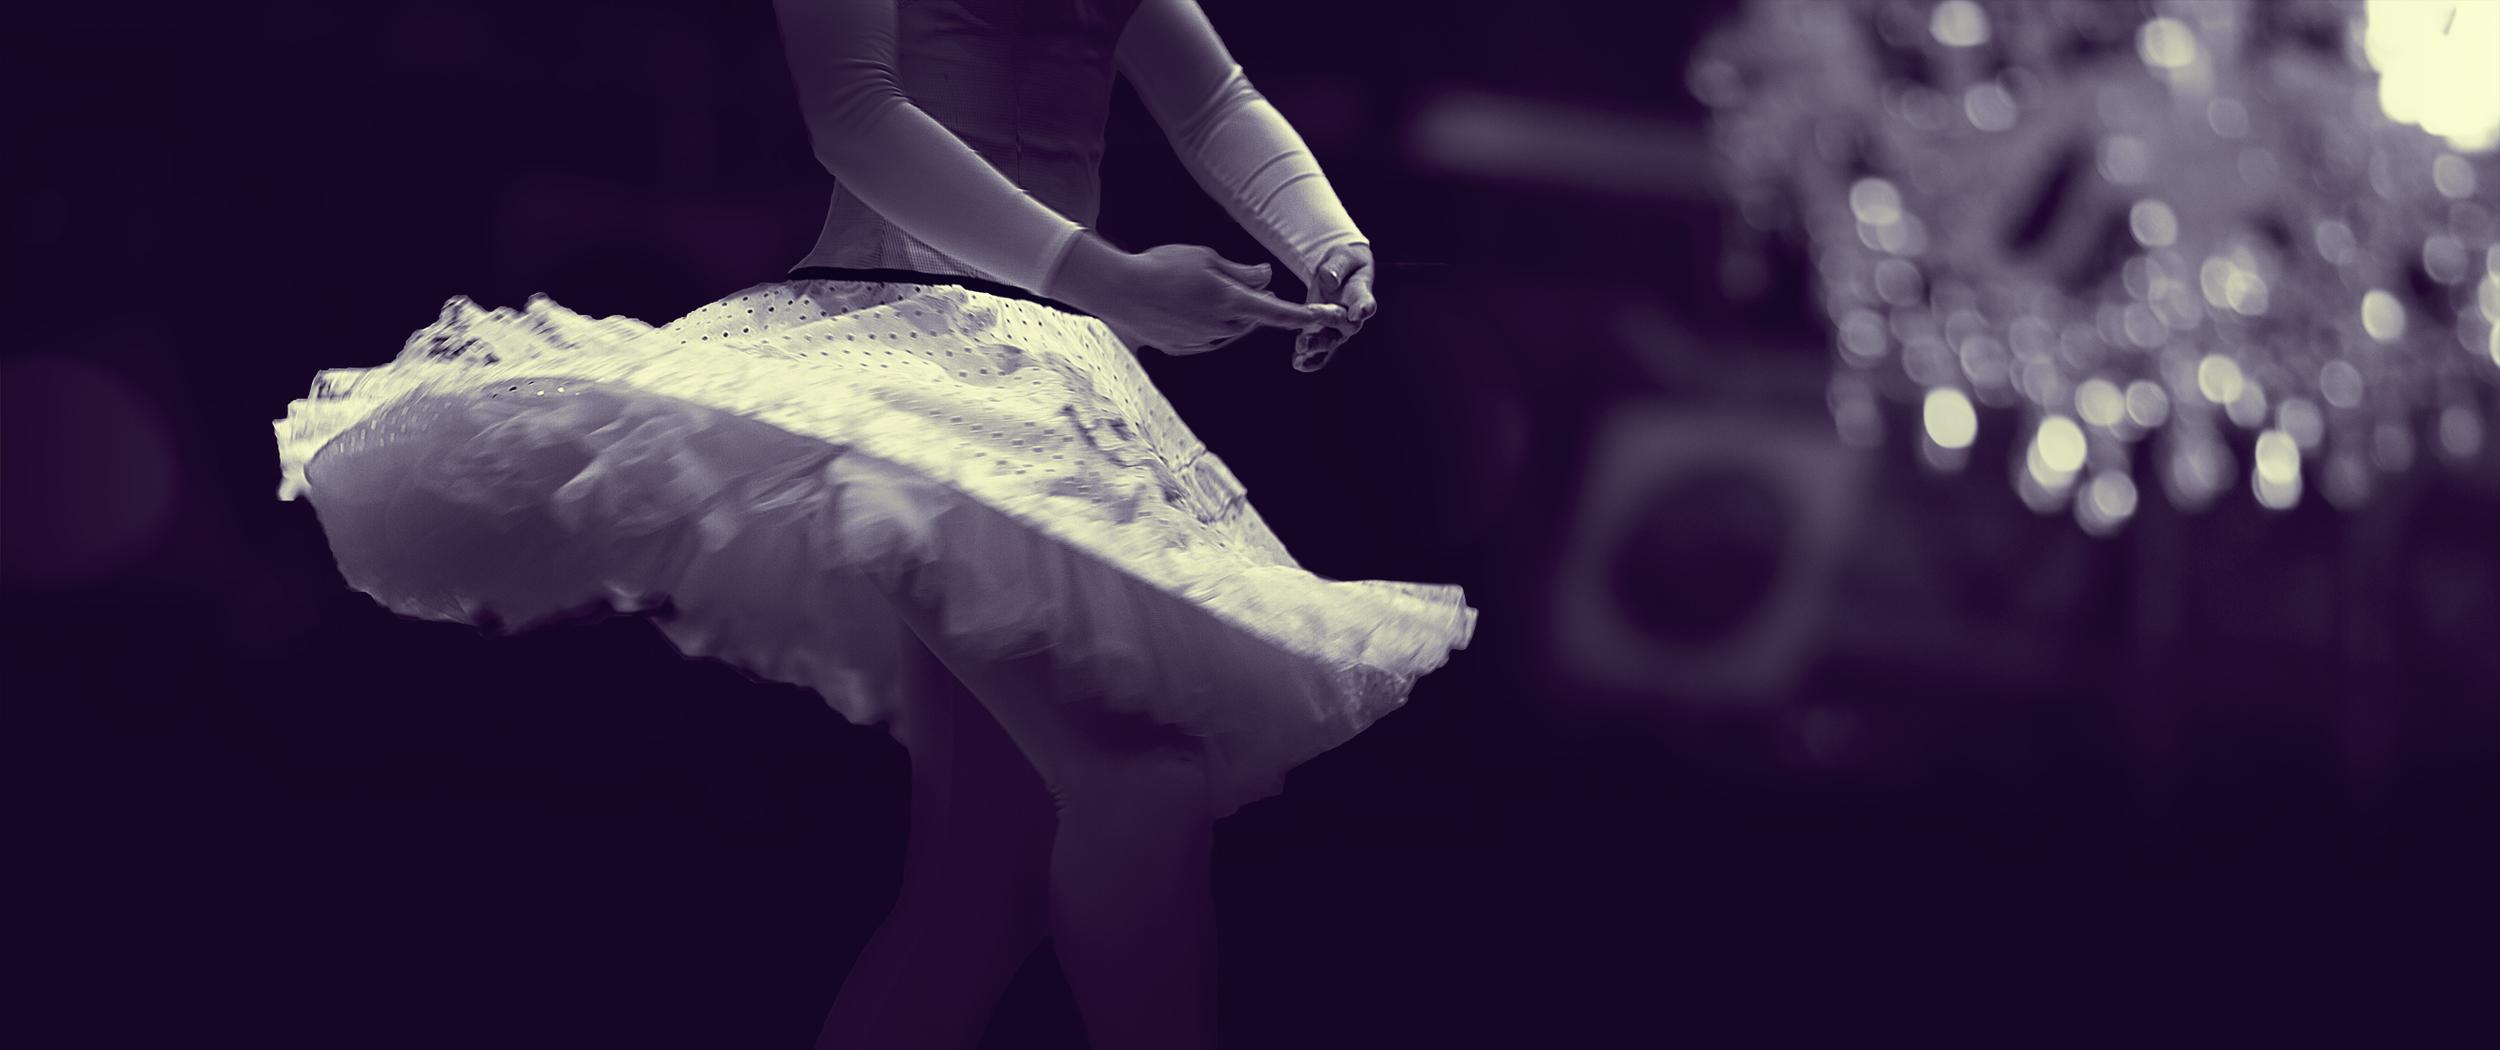 ballerina2.jpeg